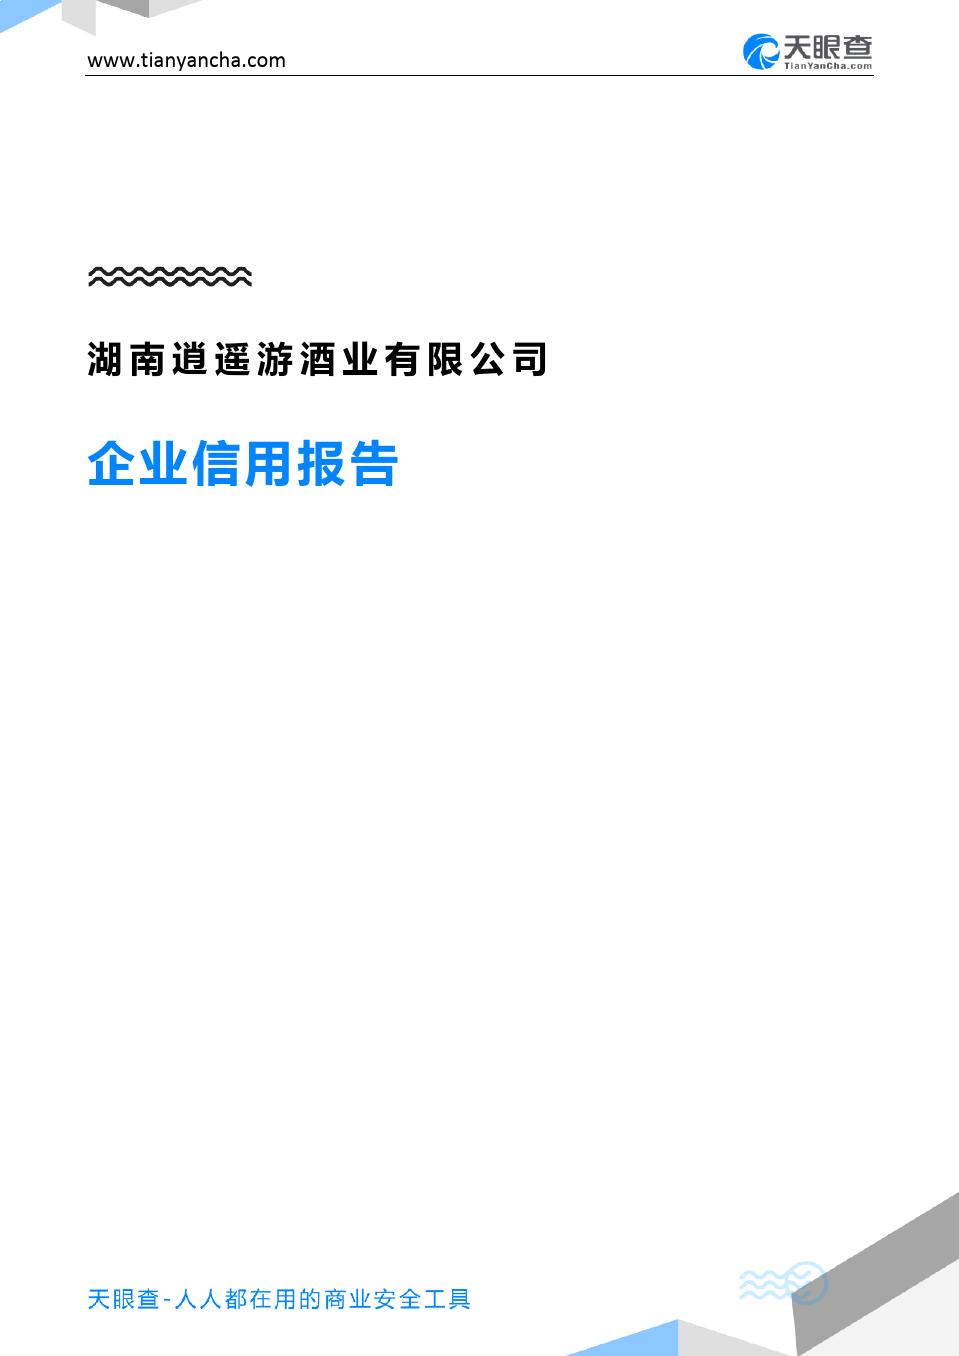 湖南逍遥游酒业有限公司(企业信用报告)- 天眼查